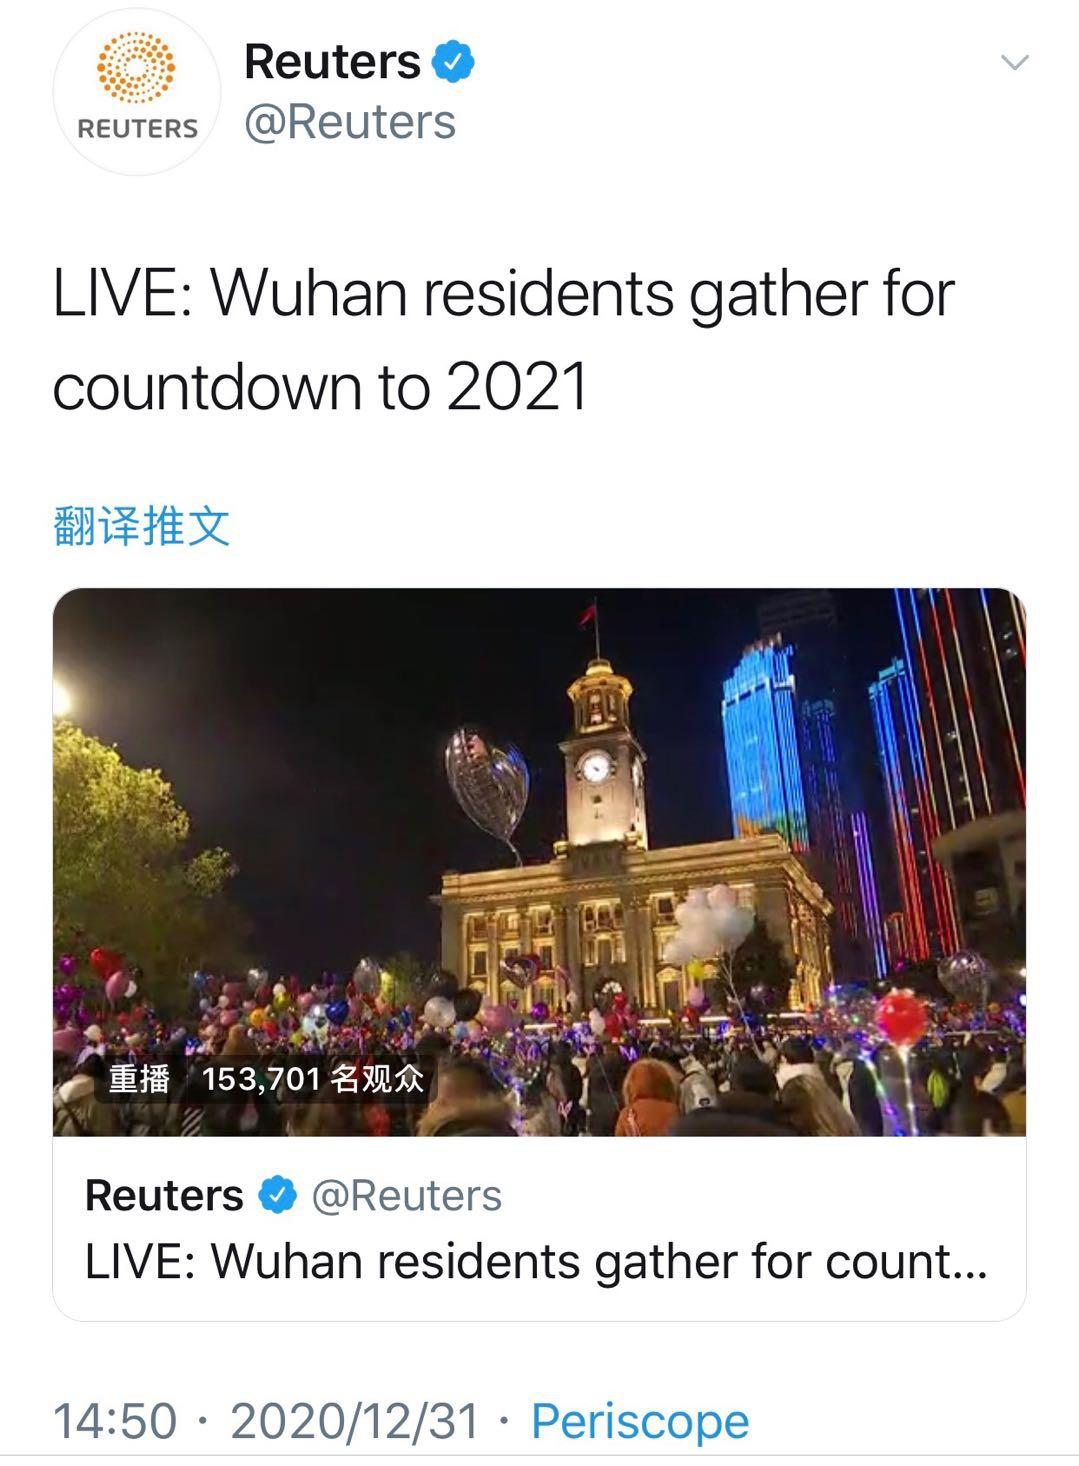 △路透社社交账号发布武汉市民庆祝新年的消息(图片来源:路透社社交媒体截图)